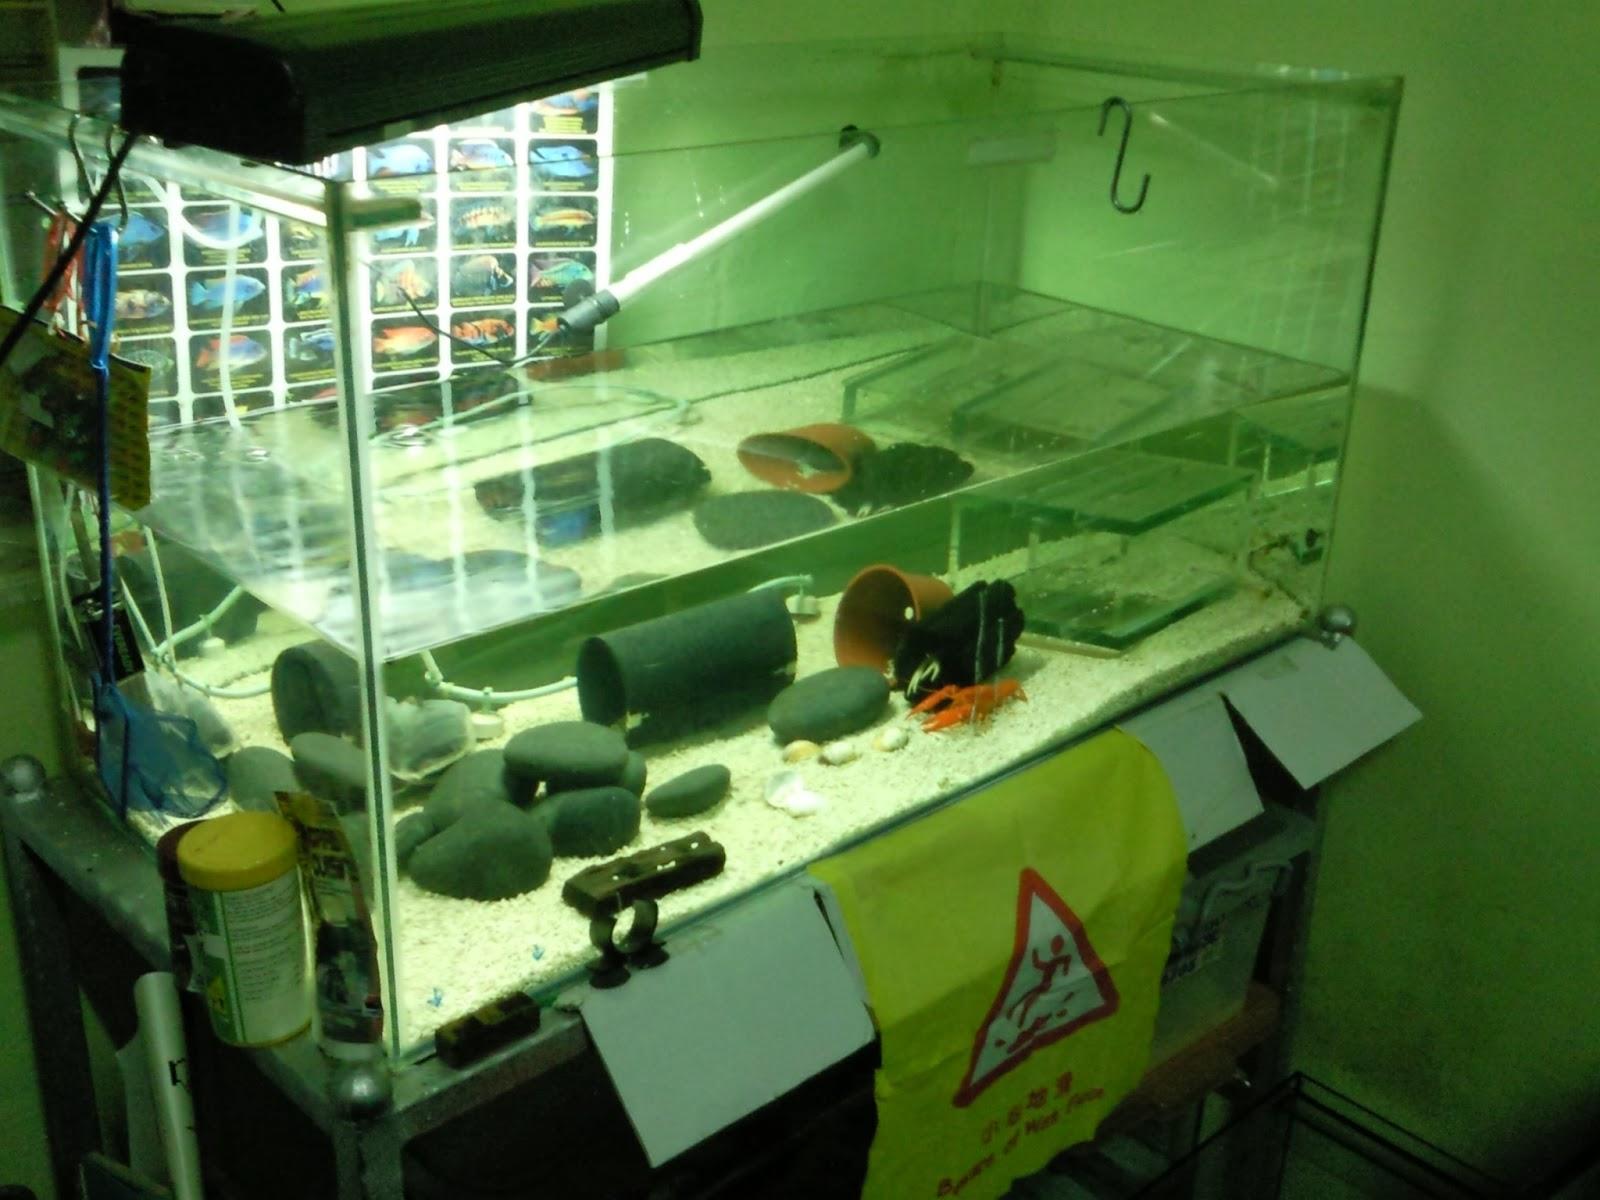 Home Fish Tanks : ... Fish Tanks And Aquarium CRS: Aquarium Home Multiple Fish Tanks Setup